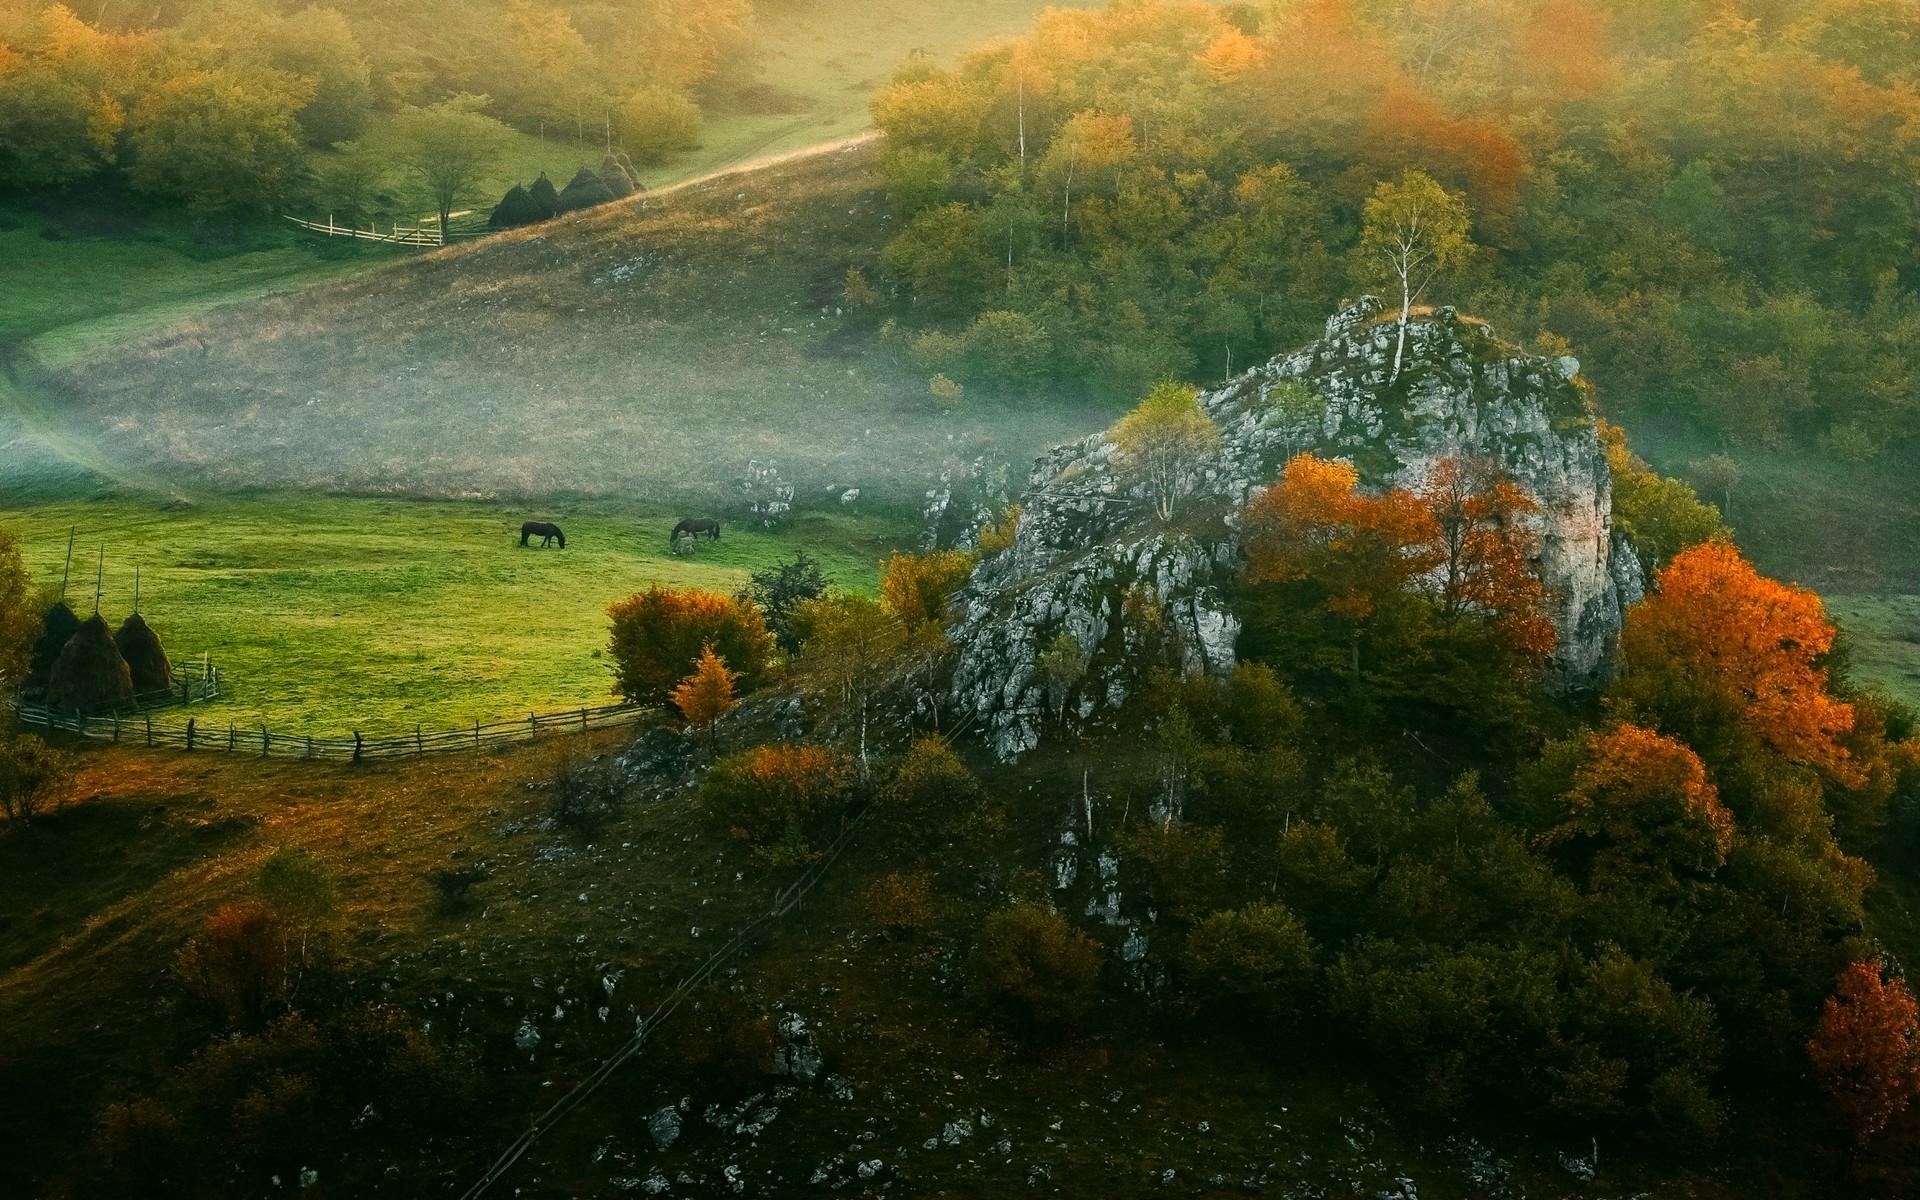 Full Screen Desktop Fall Leaves Wallpaper Landscape Nature Mist Sunrise Fall Forest Fence